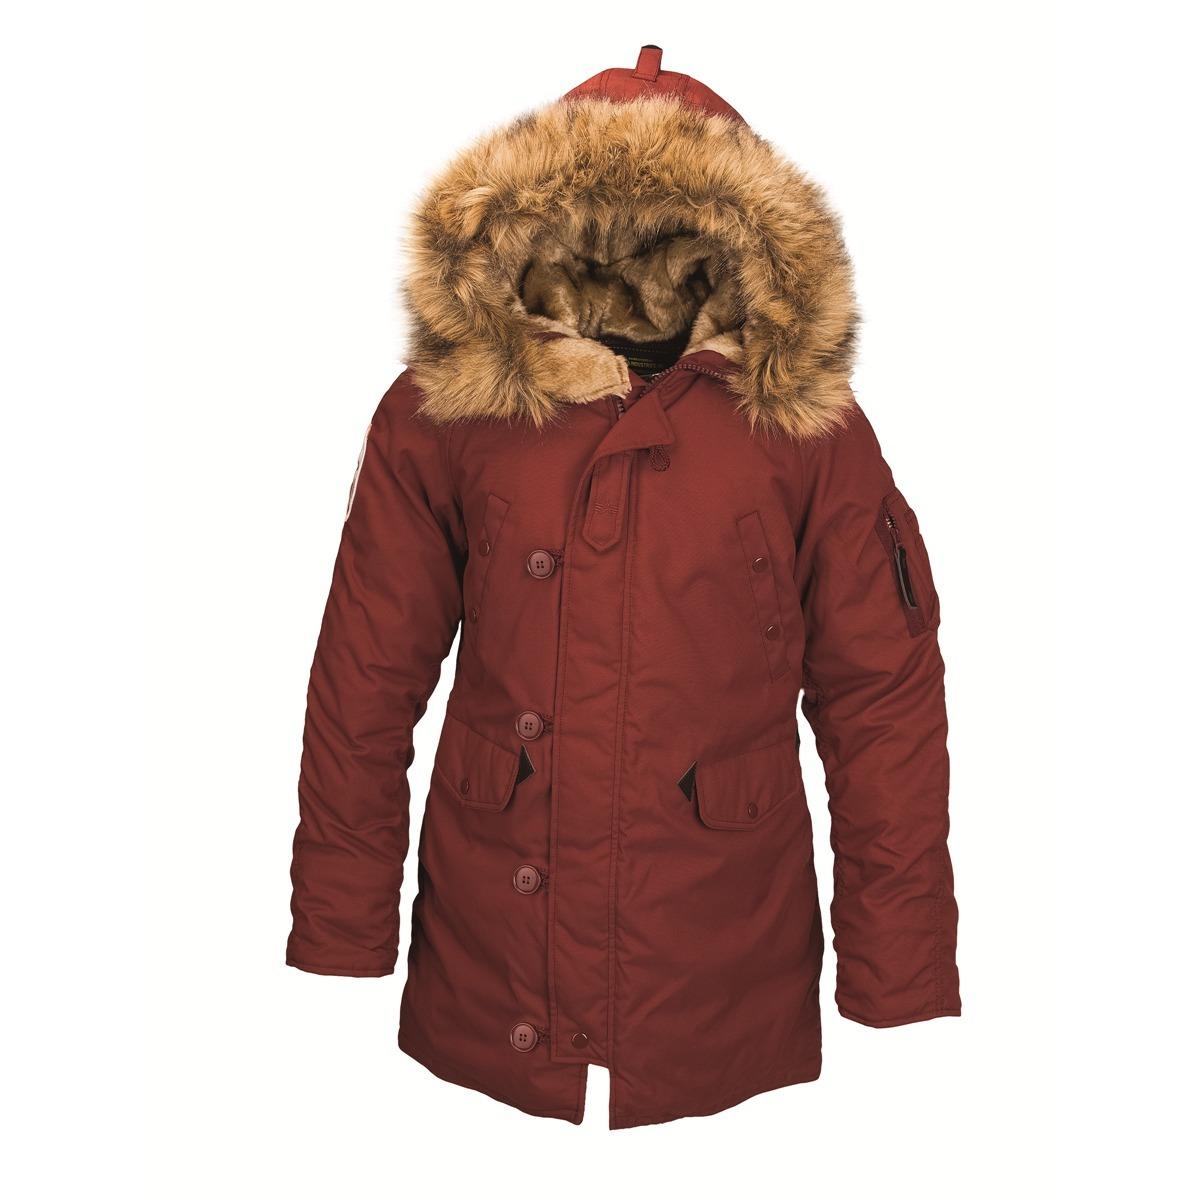 Куртка Аляска Женская - Altitude W Parka  (красно-коричневая - red ohre)